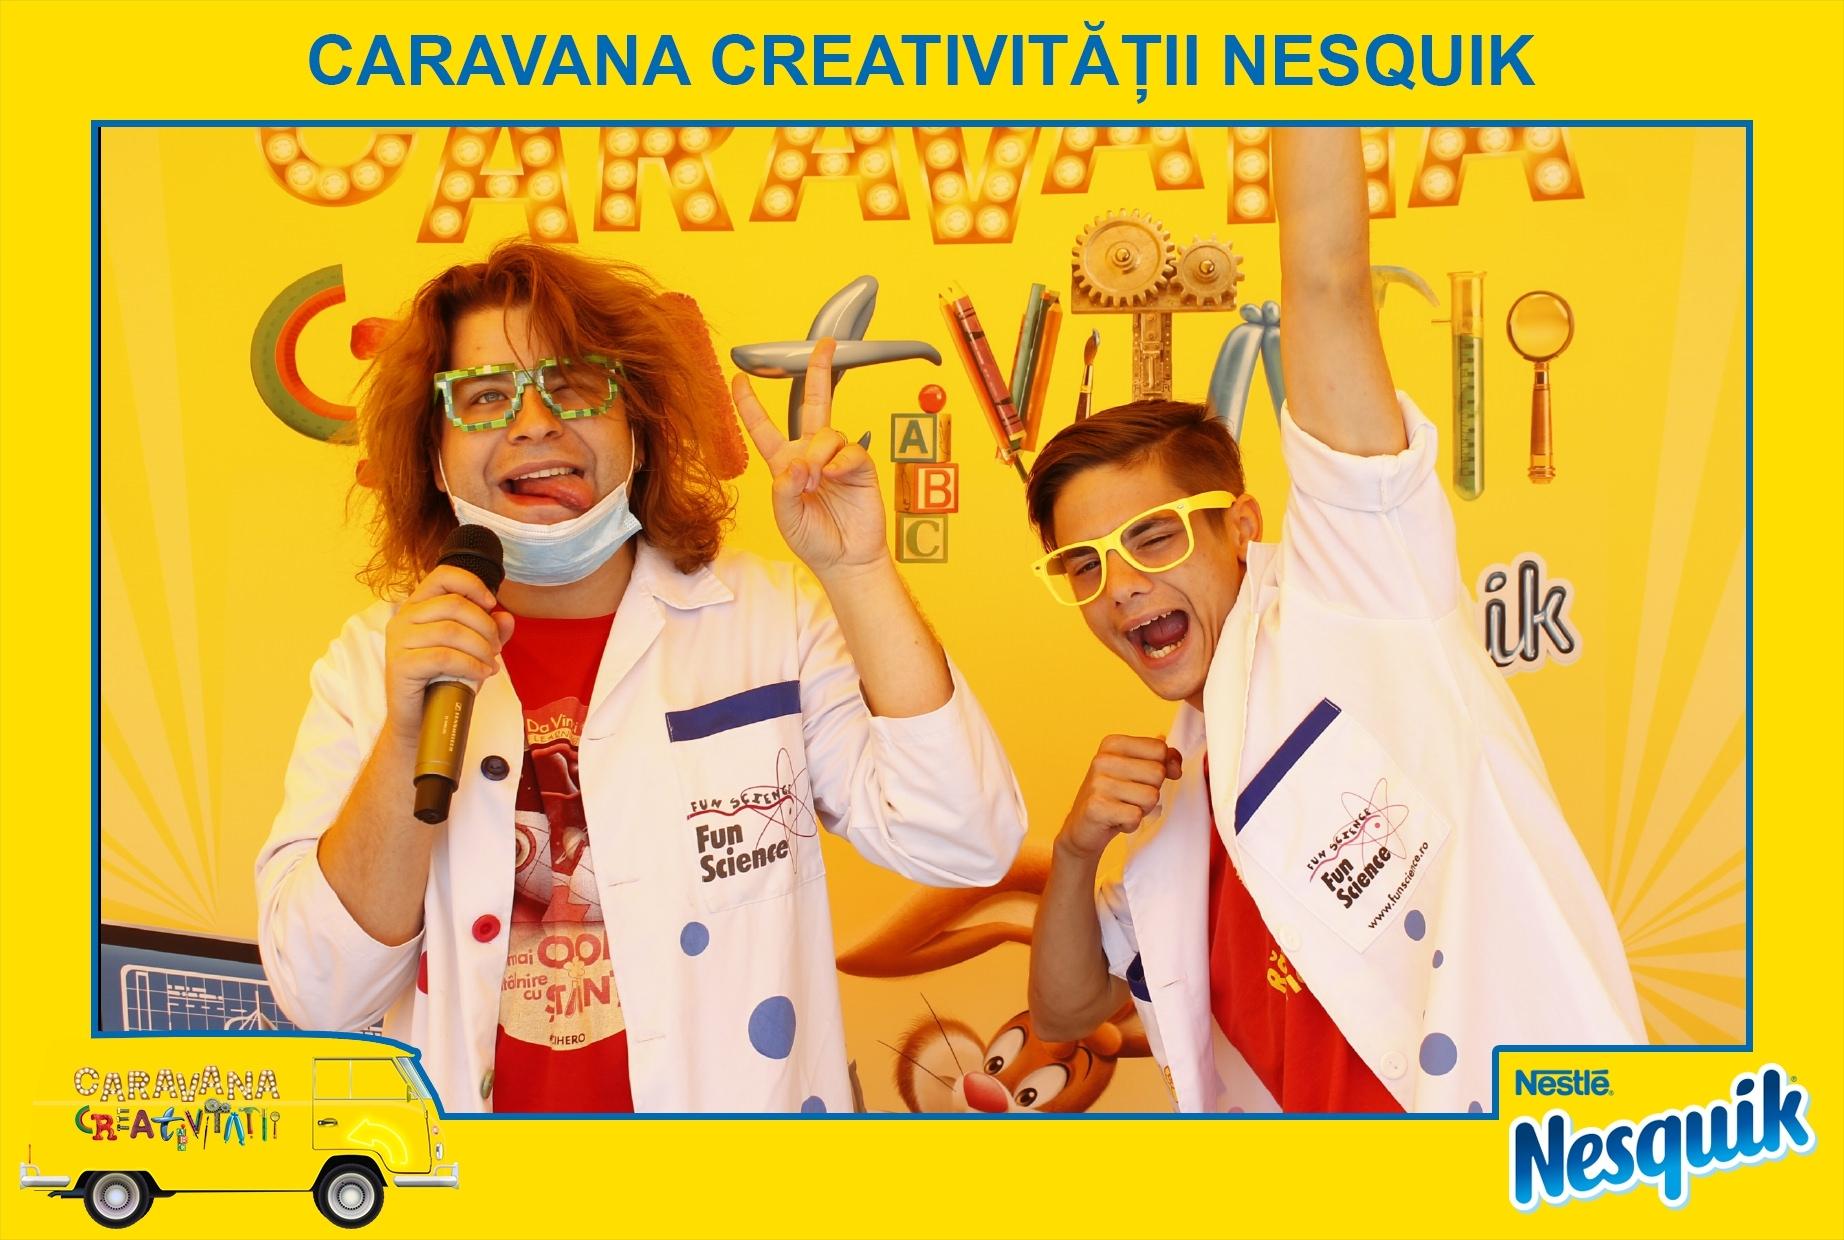 Nesquik_Caravana_Creativitatii